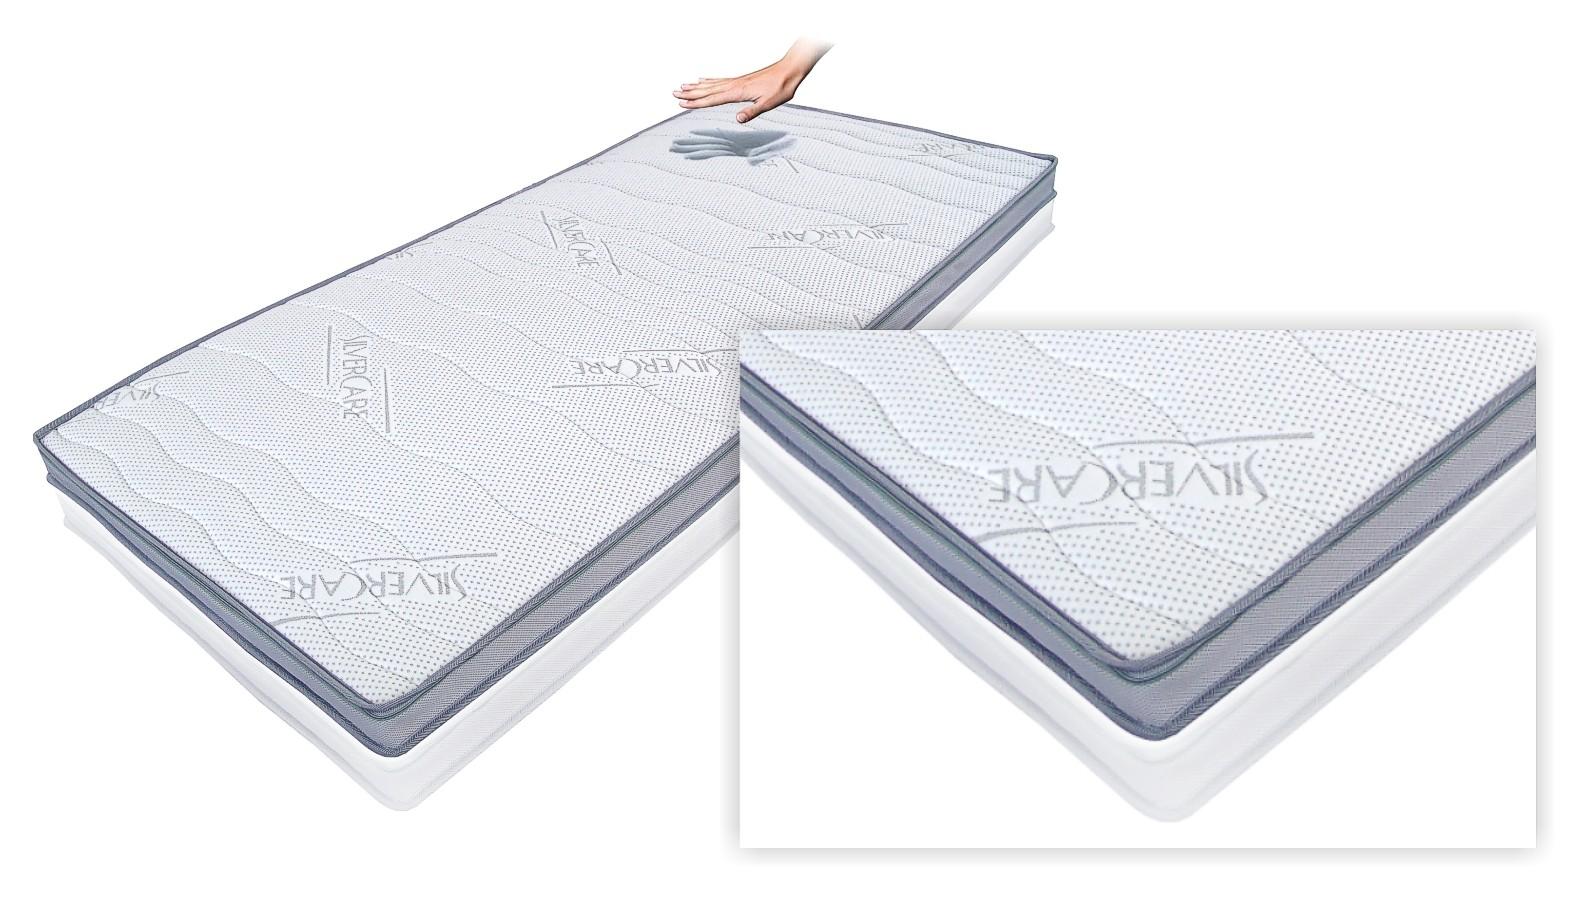 silvercare memory visco schaum topper ideal f r doppelbetten boxspringbetten ebay. Black Bedroom Furniture Sets. Home Design Ideas